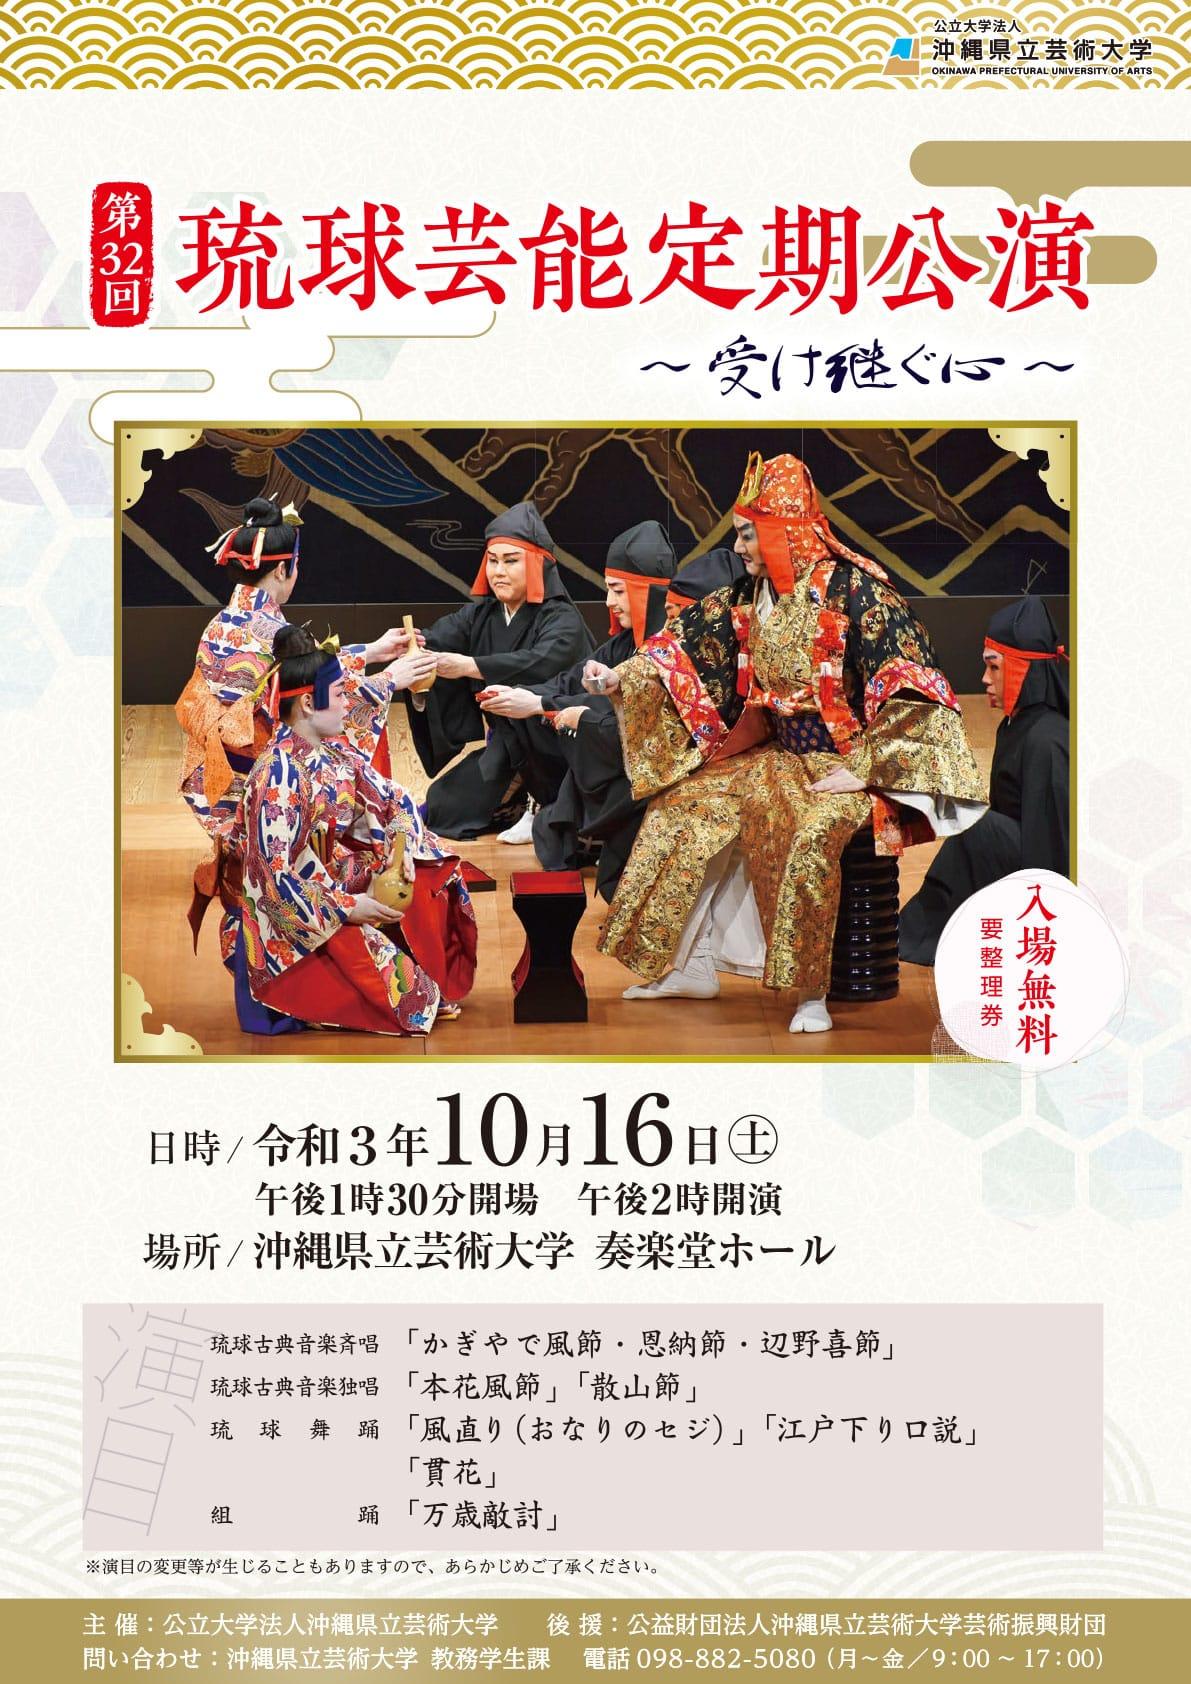 [フライヤー]第32回琉球芸能定期公演